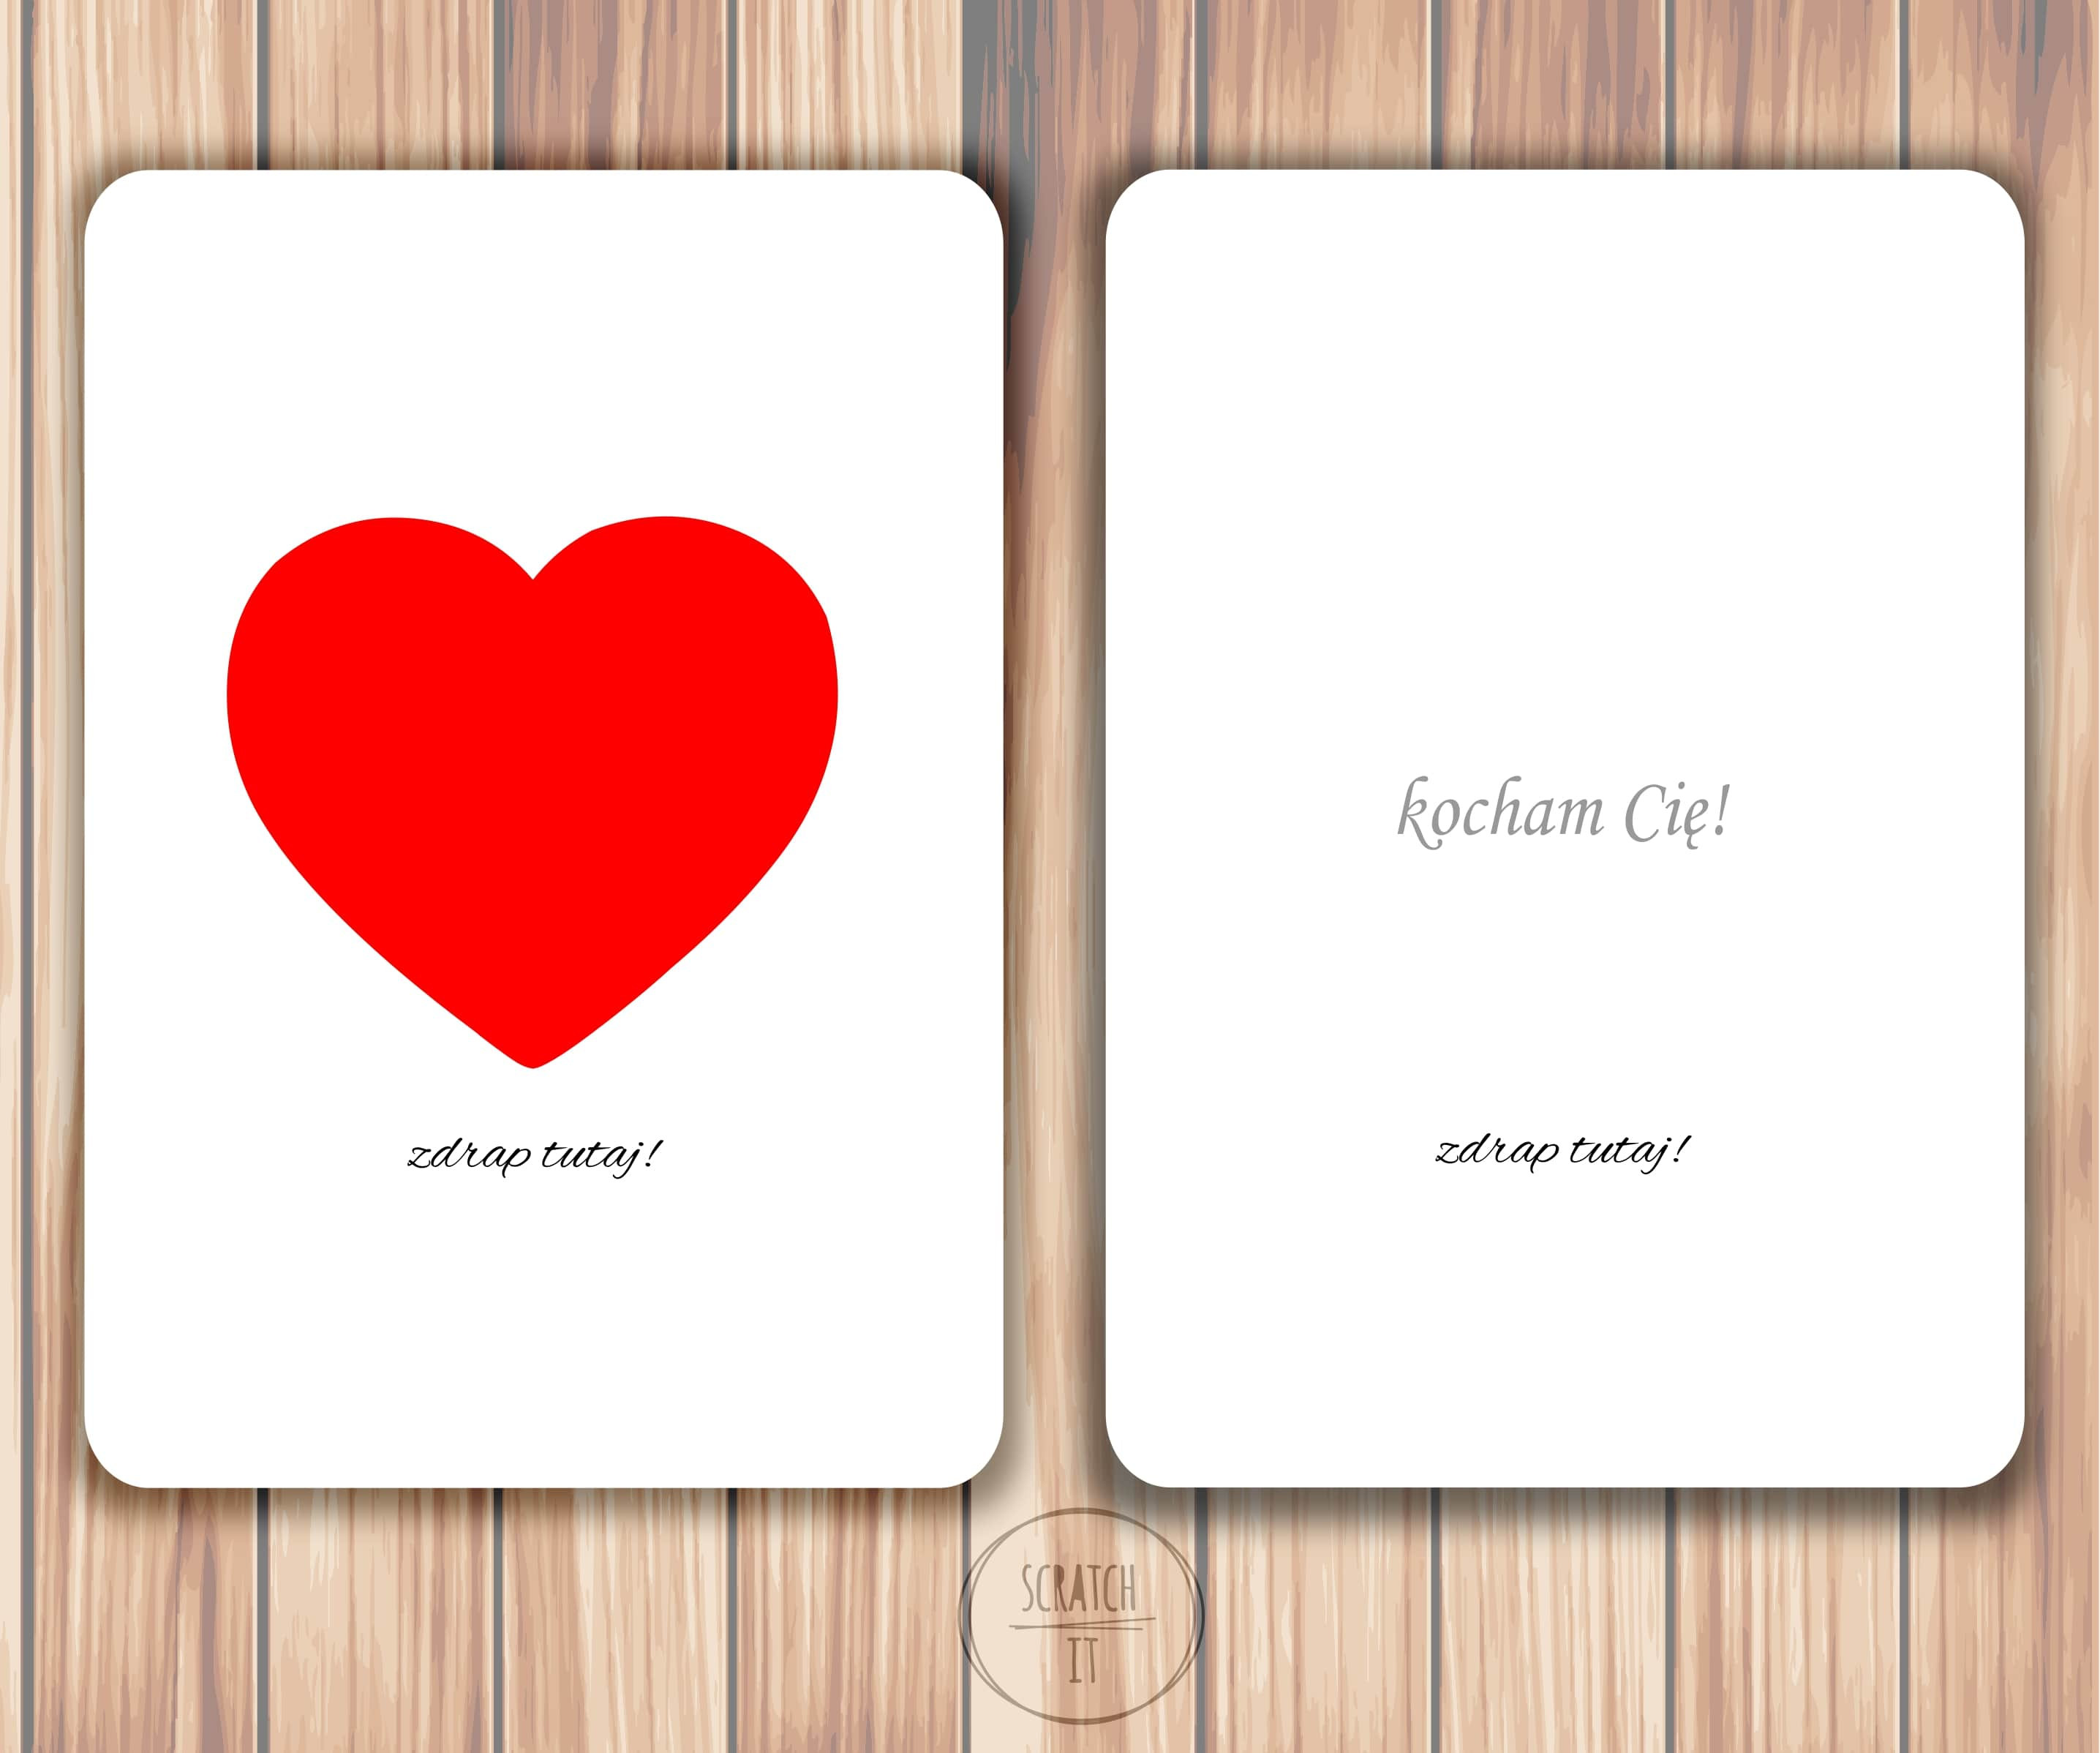 kartka zdrapka kocham, kartka dla chłopaka, kartka dla dzieczyny